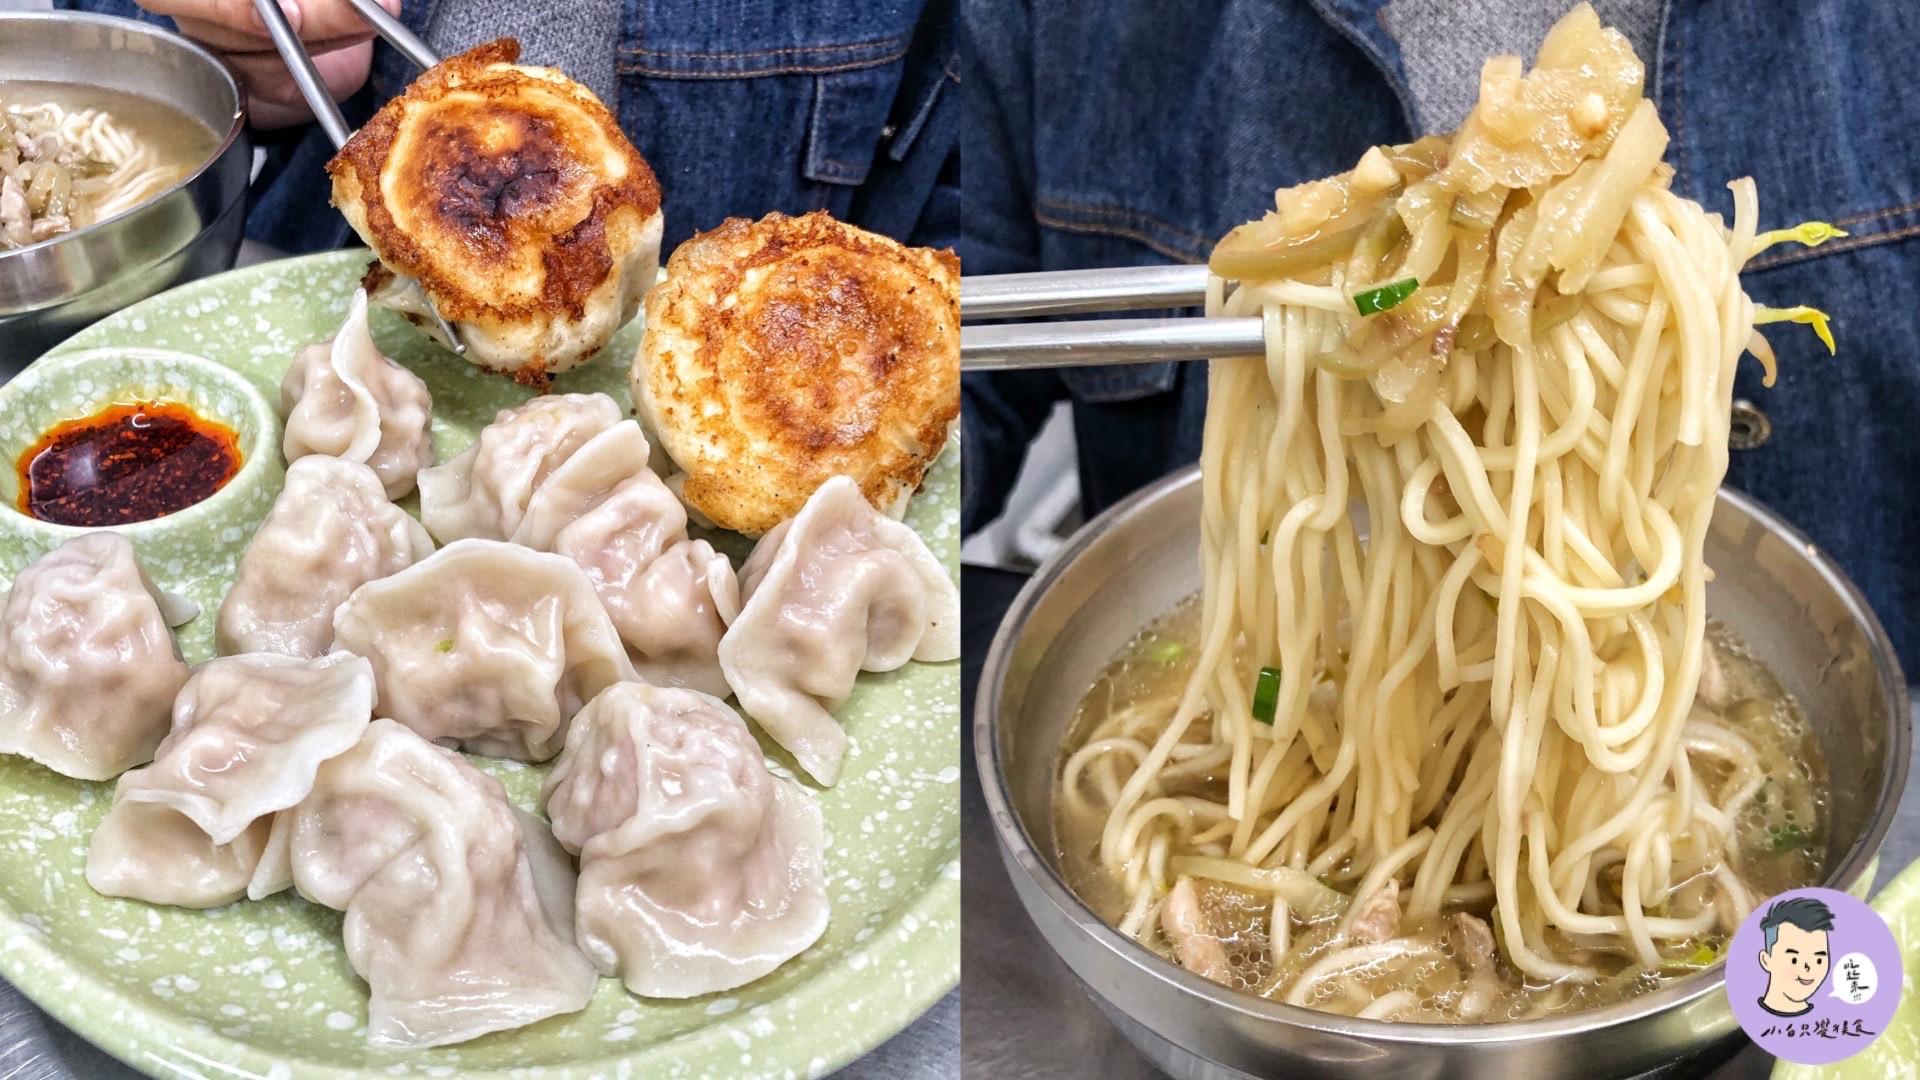 【台南美食】巨無霸煎餃就出現在台南 胡記麵館 一個拳頭大Size超誇張